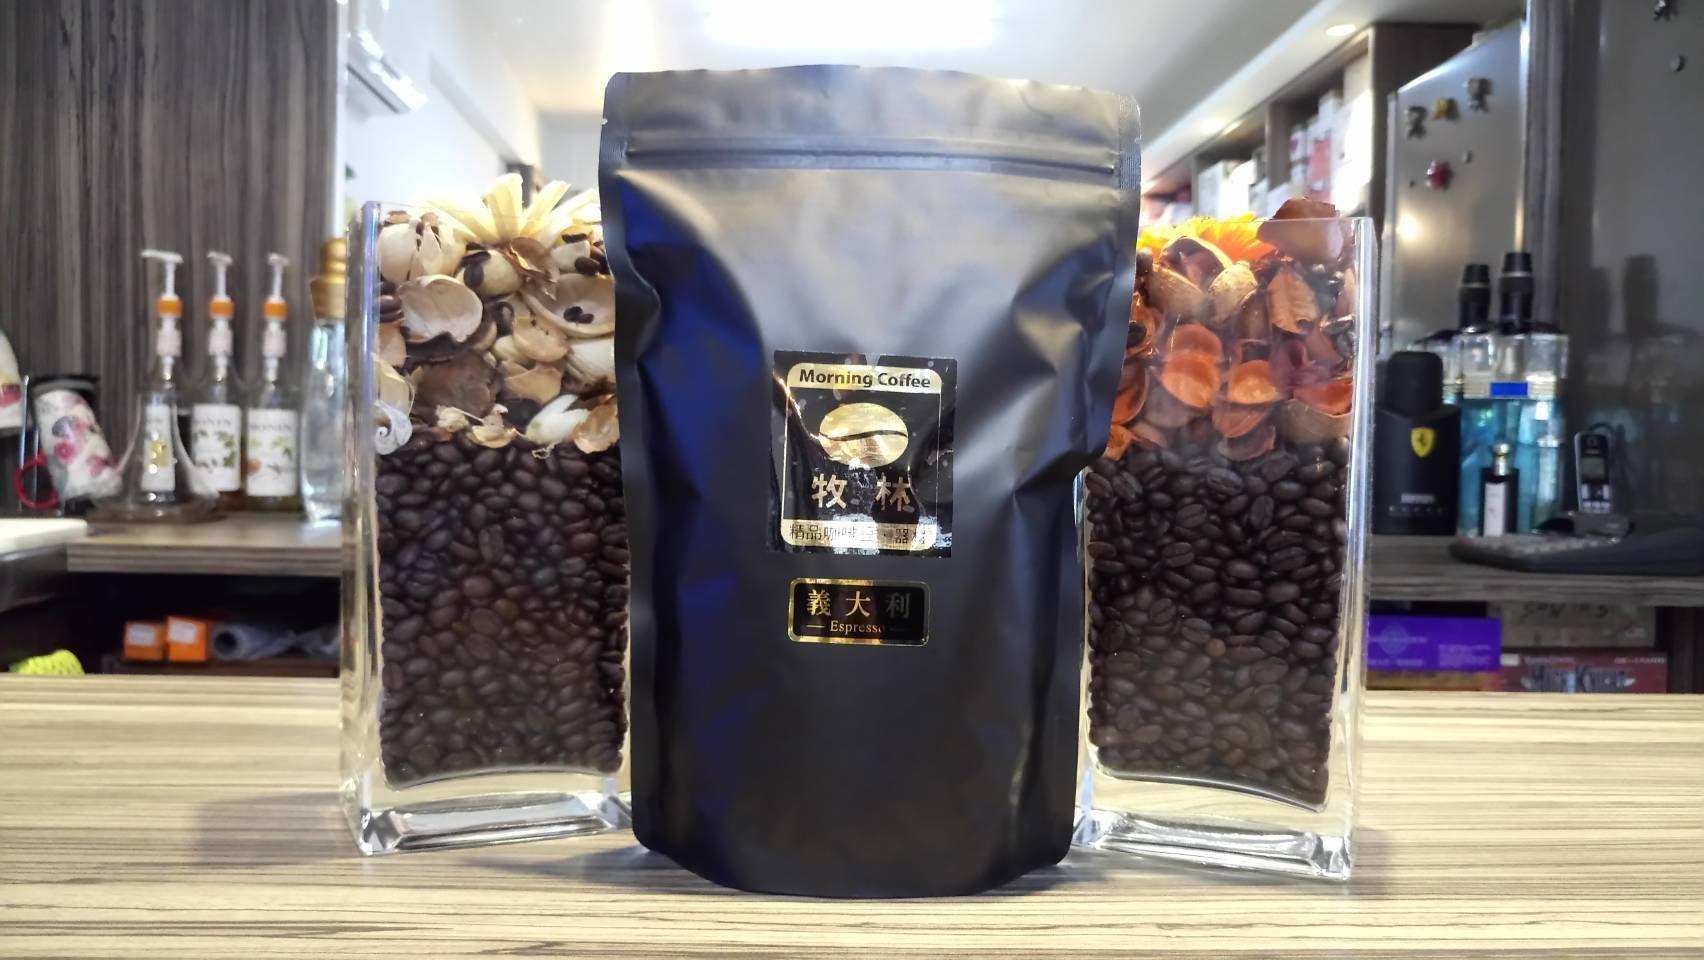 義大利咖啡豆 接單烘培  義大利綜合咖啡豆 產地世界各地